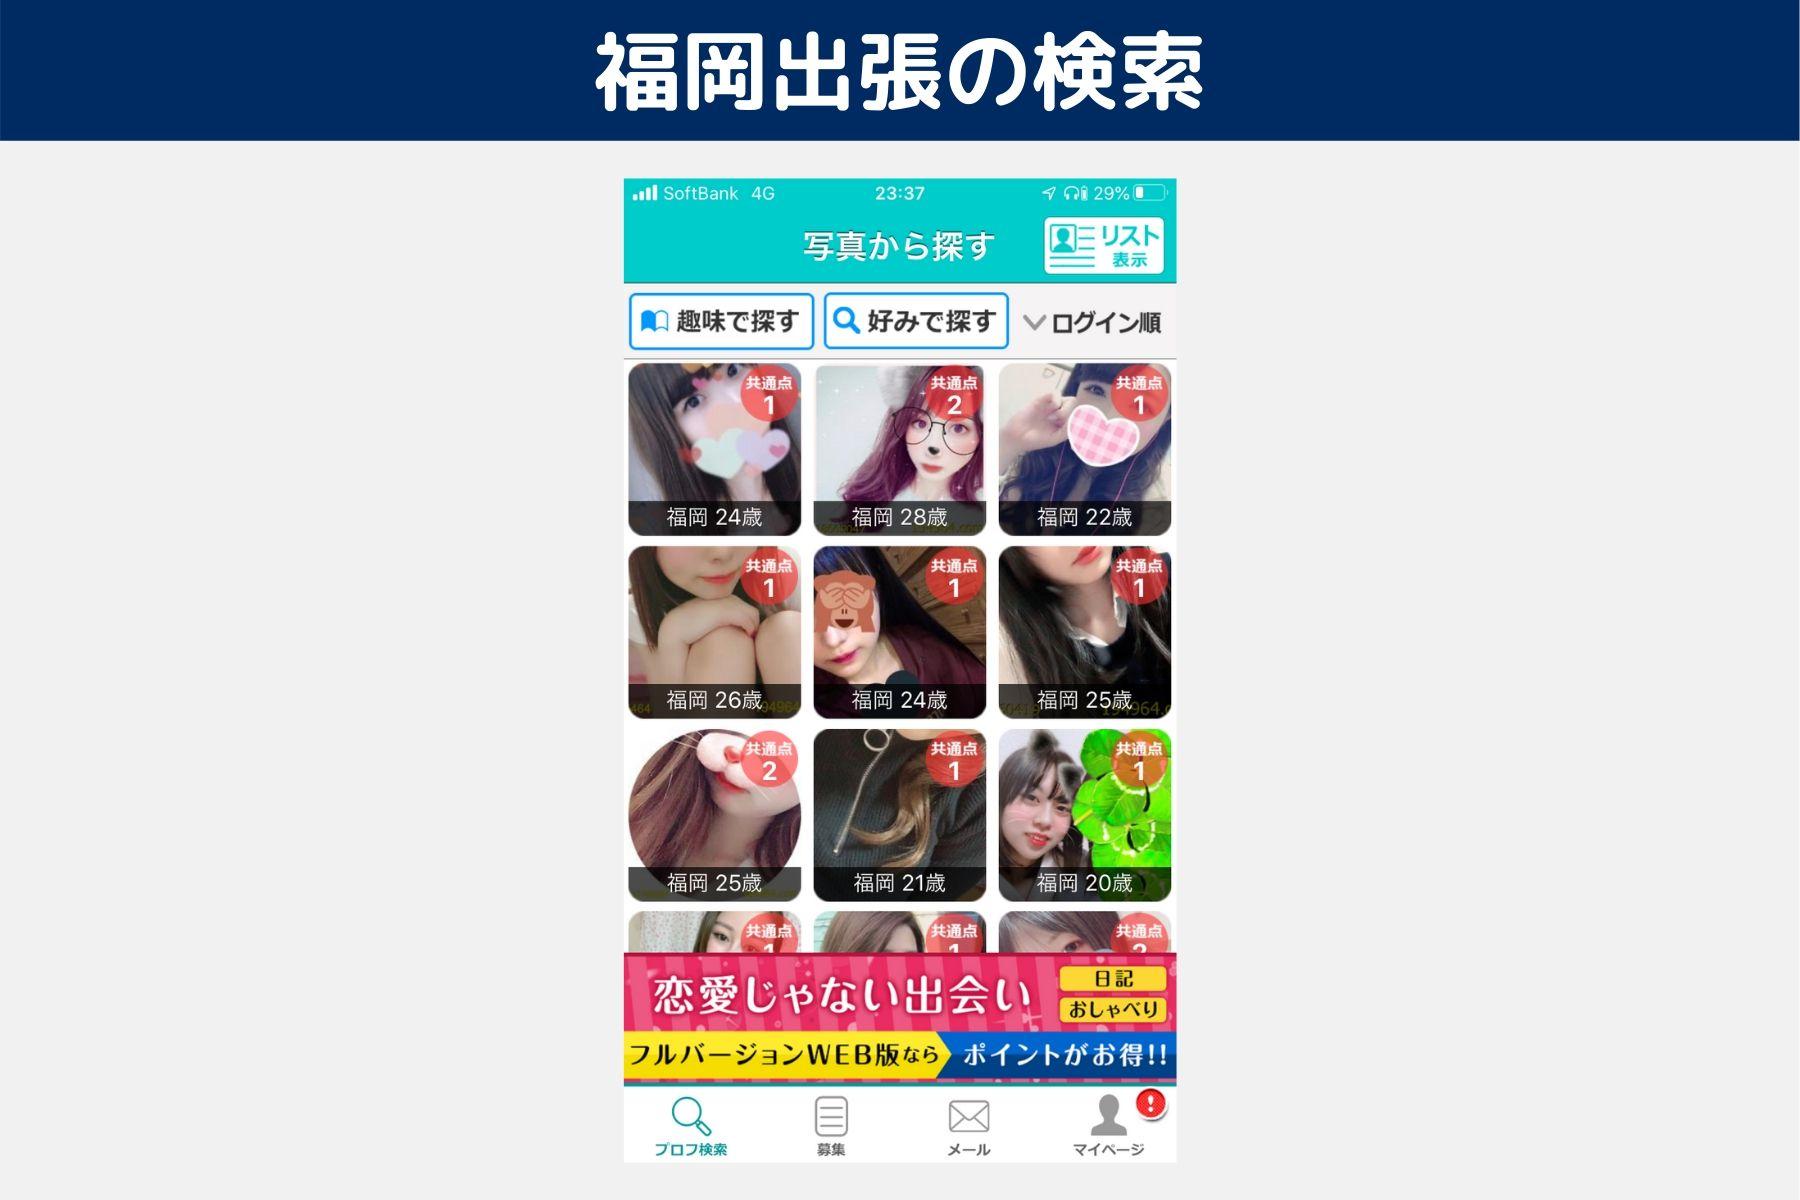 福岡出張の検索